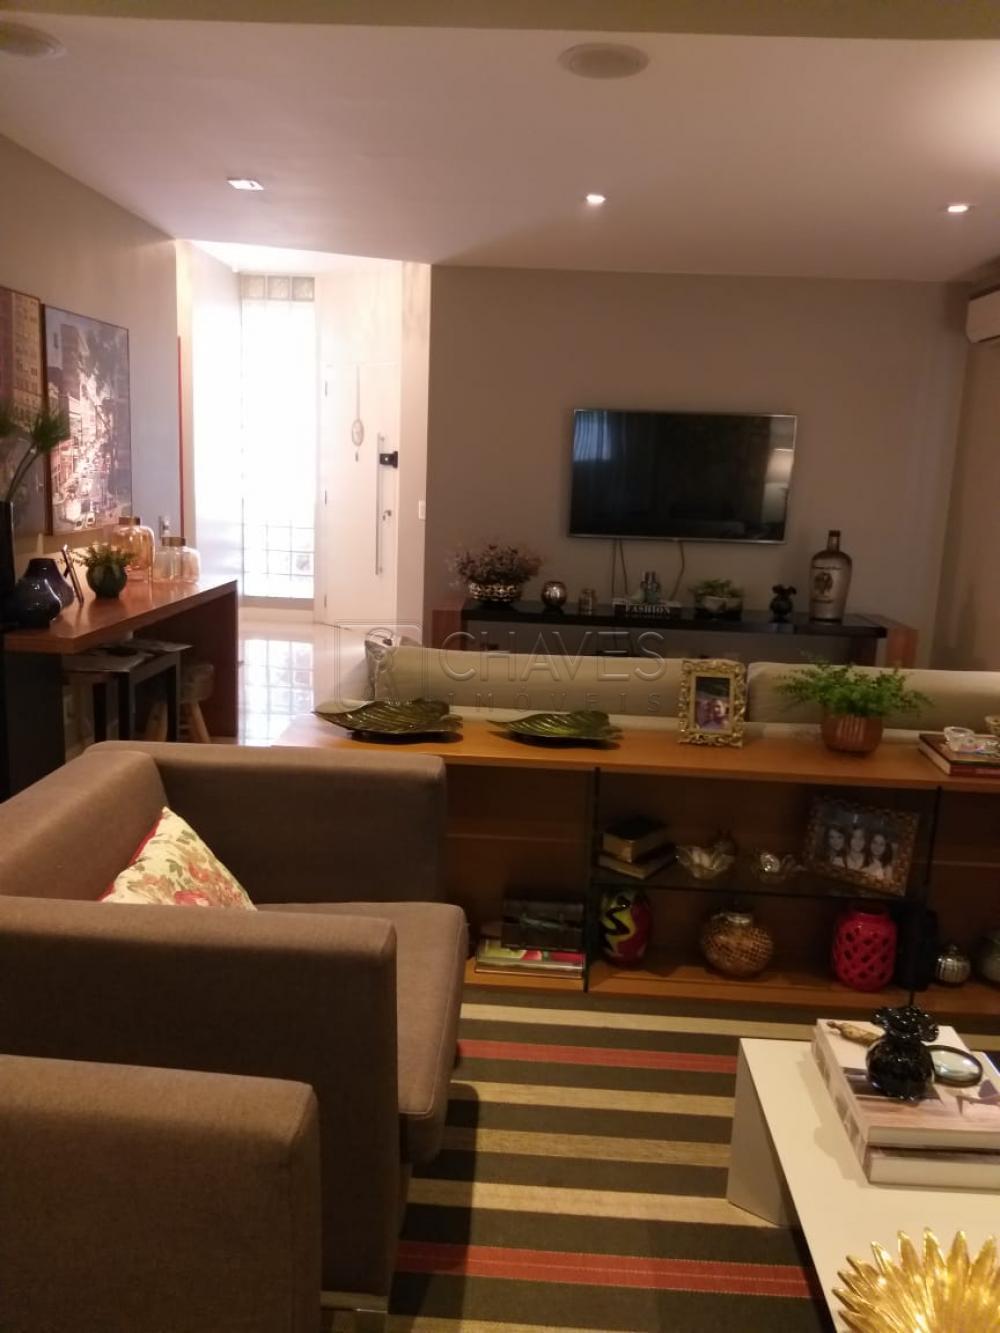 Comprar Casa / Condomínio em Ribeirão Preto R$ 1.400.000,00 - Foto 7